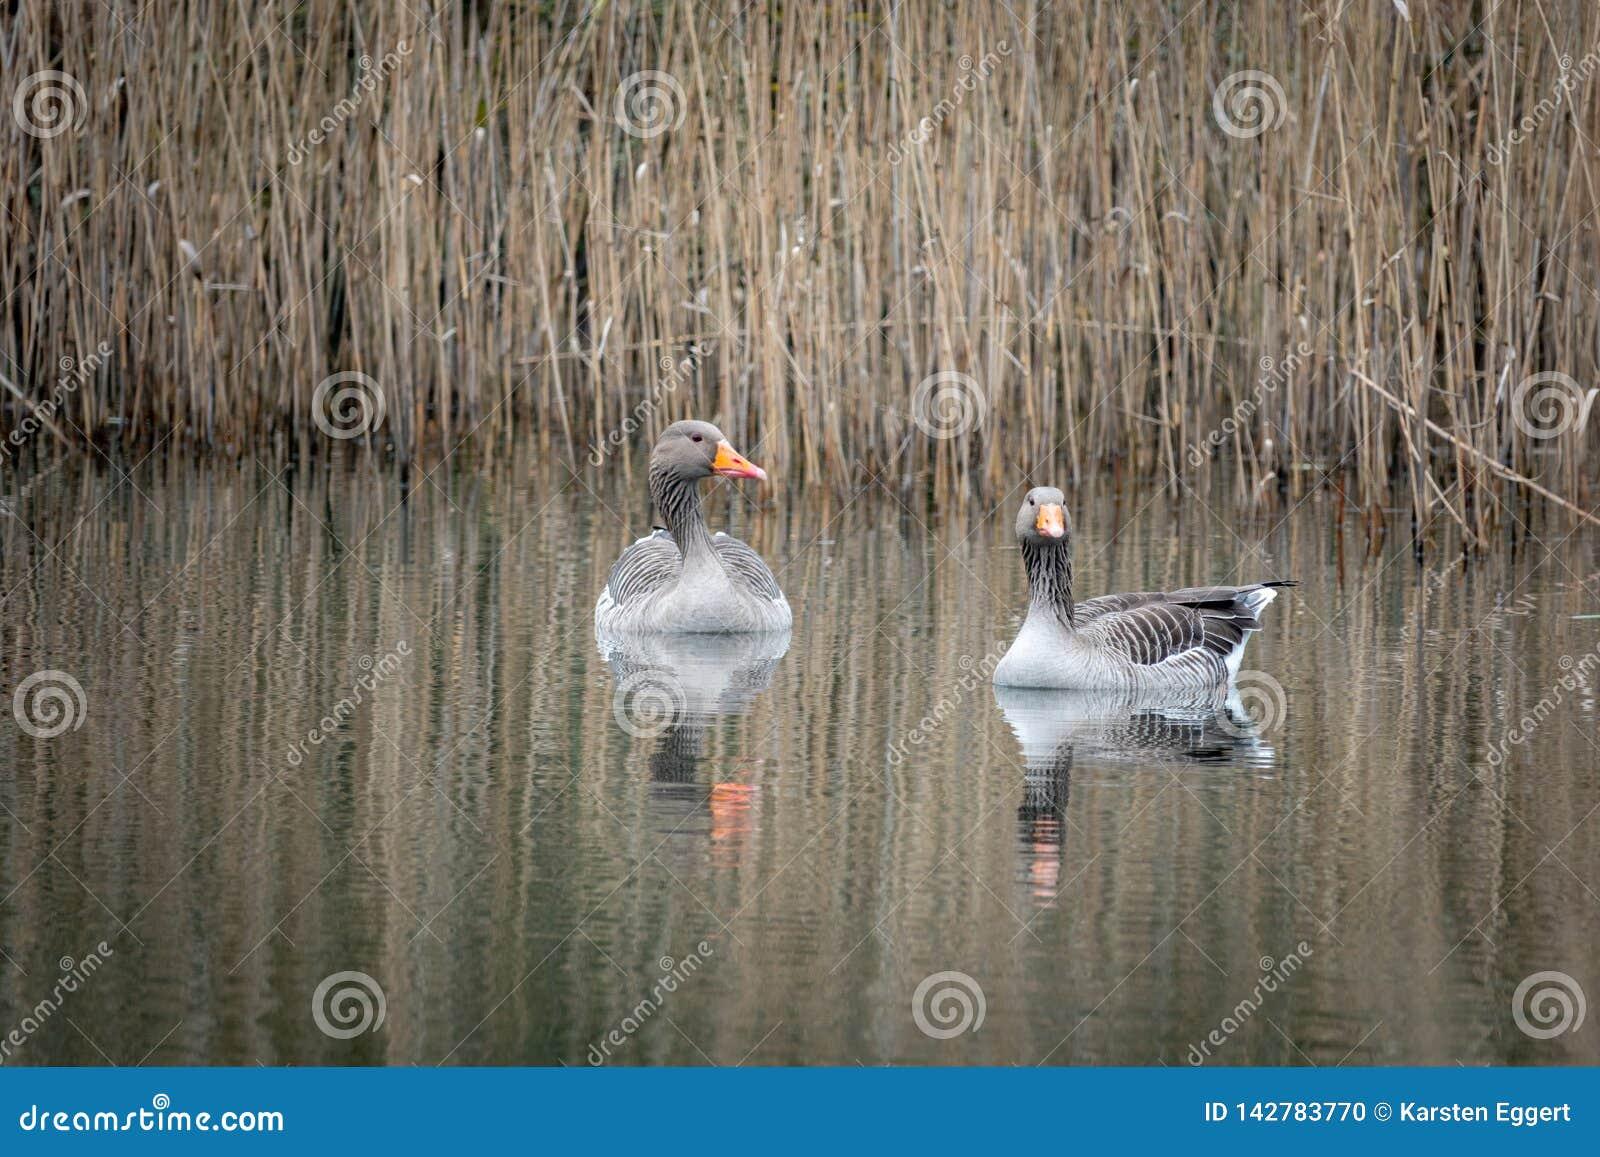 2 γκρίζες χήνες που κολυμπούν σε μια λίμνη